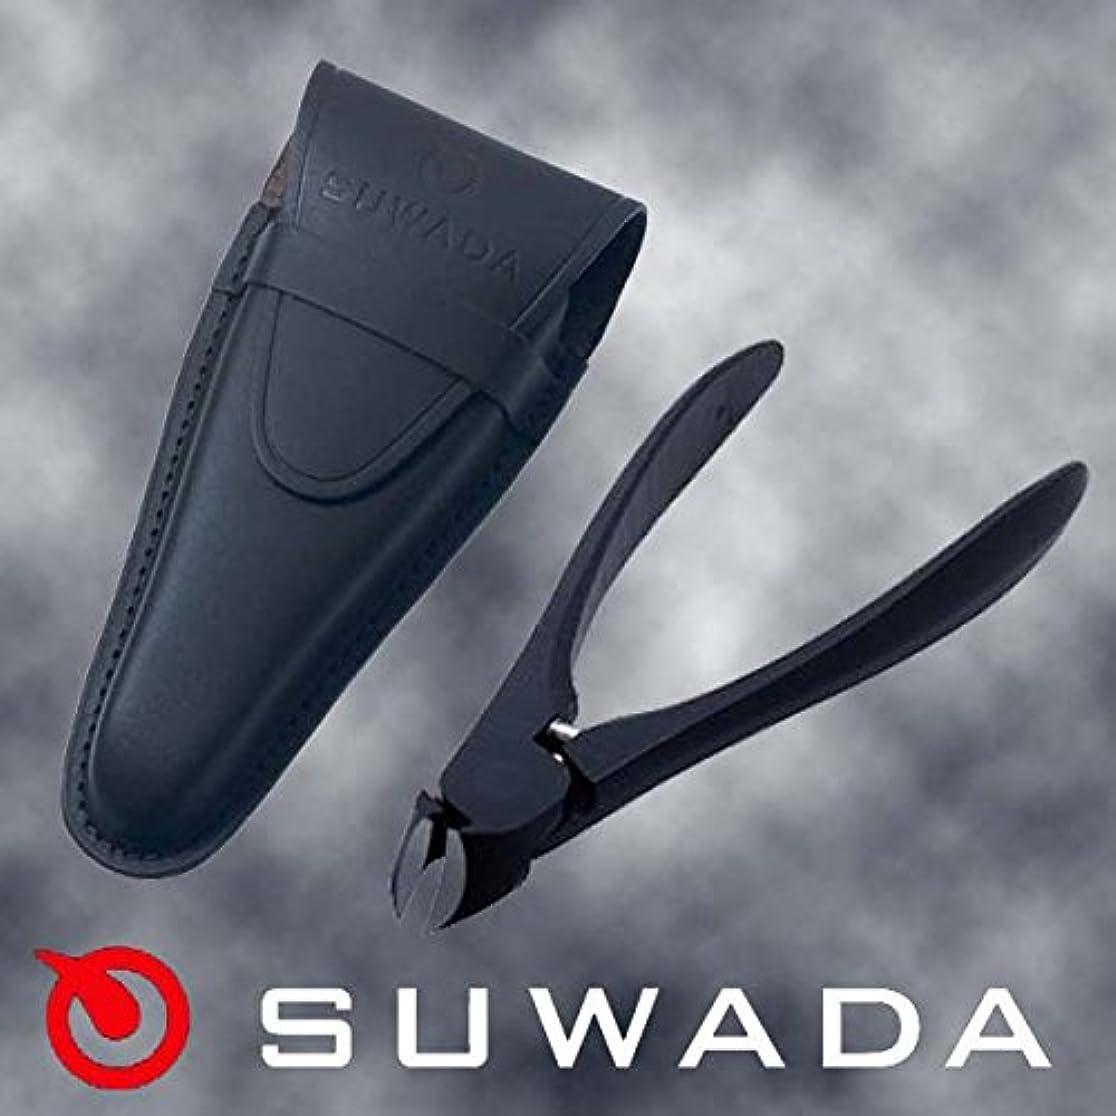 キャンディー先駆者ことわざSUWADA爪切りブラックL&ブラック革ケースセット 諏訪田製作所製 スワダの爪切り